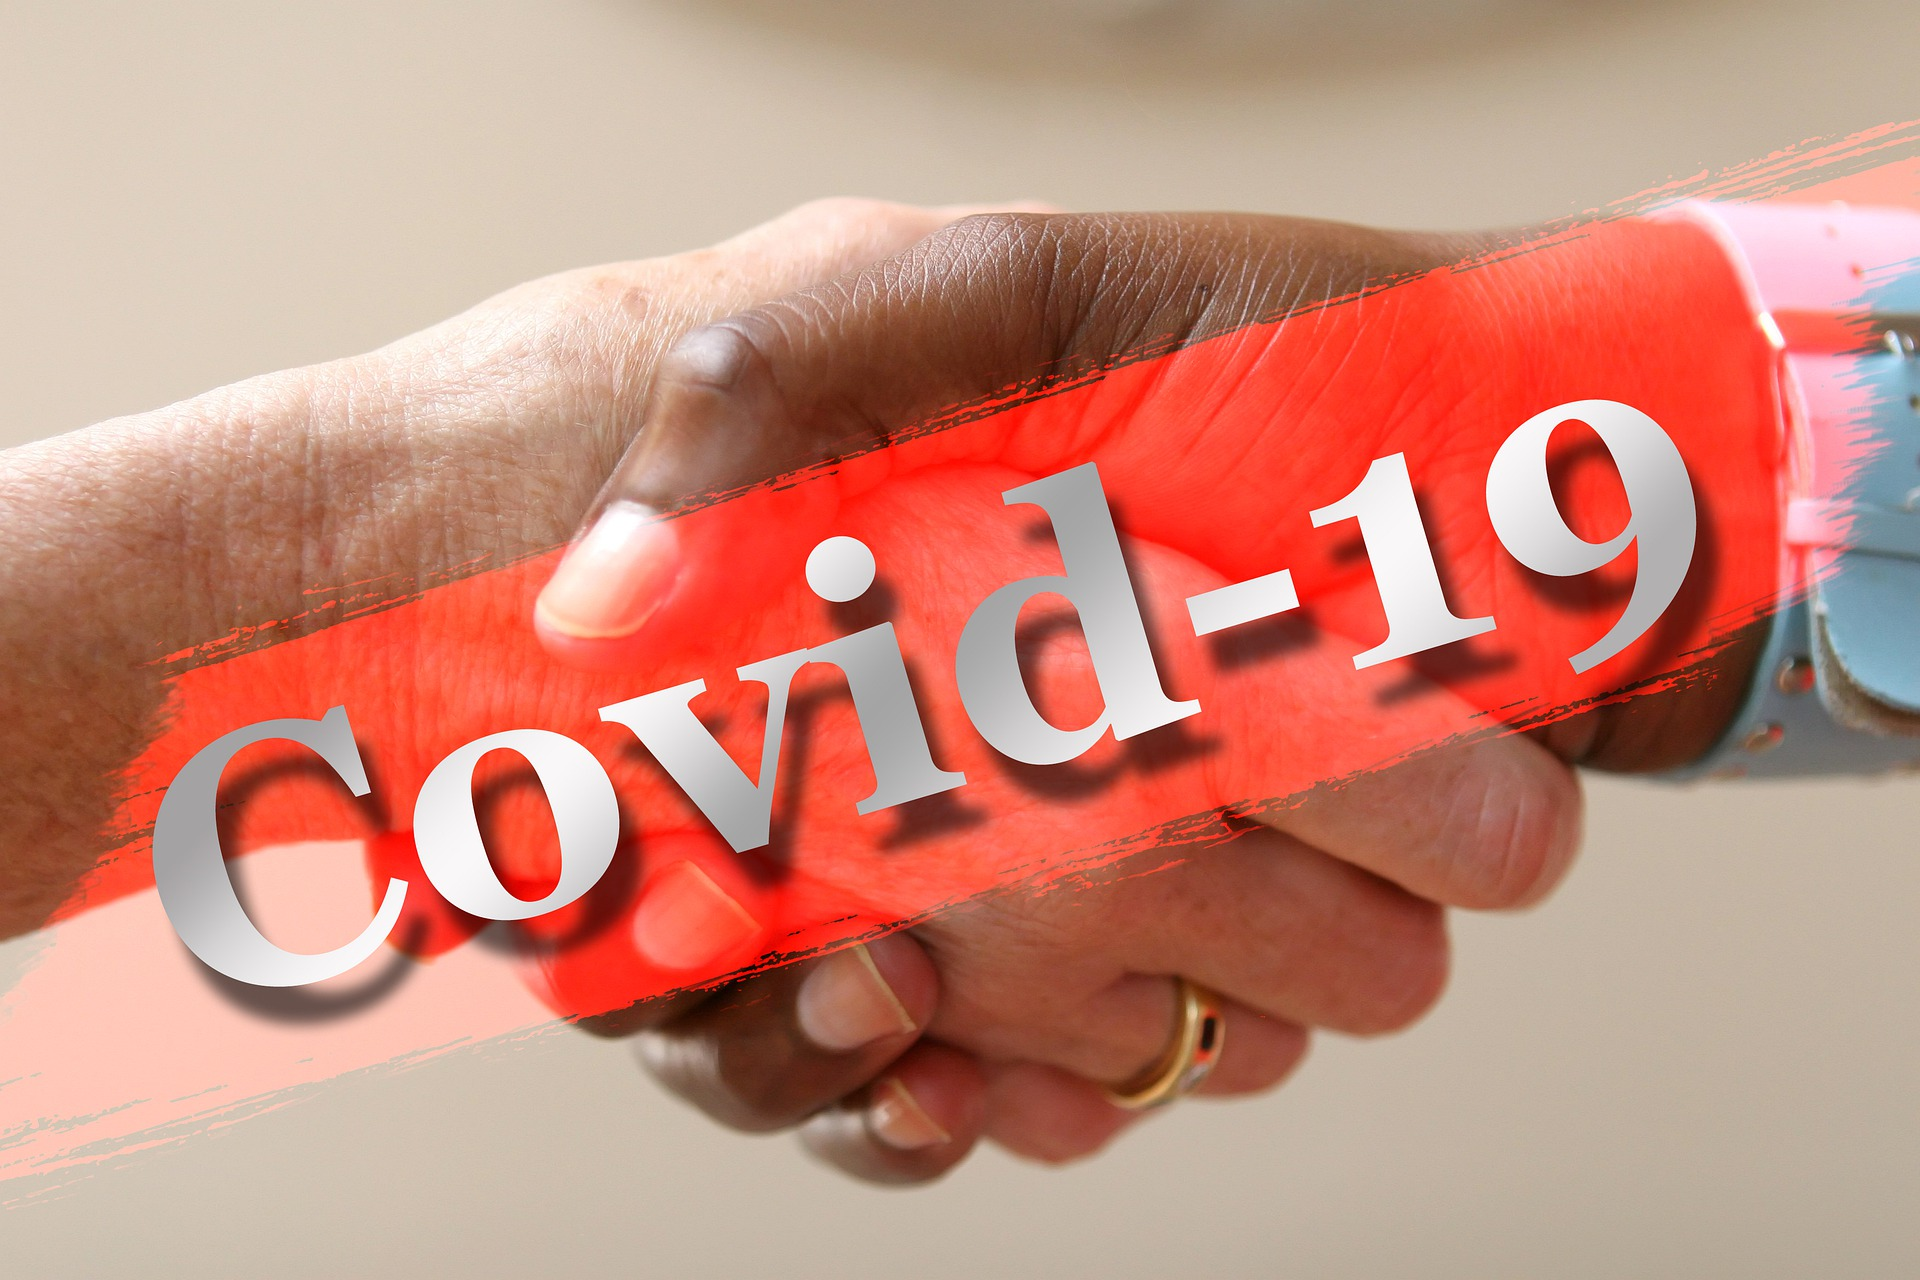 У Бориспільському районі працівник сільради захворів на коронавірус -  - coronavirus 4904507 1920